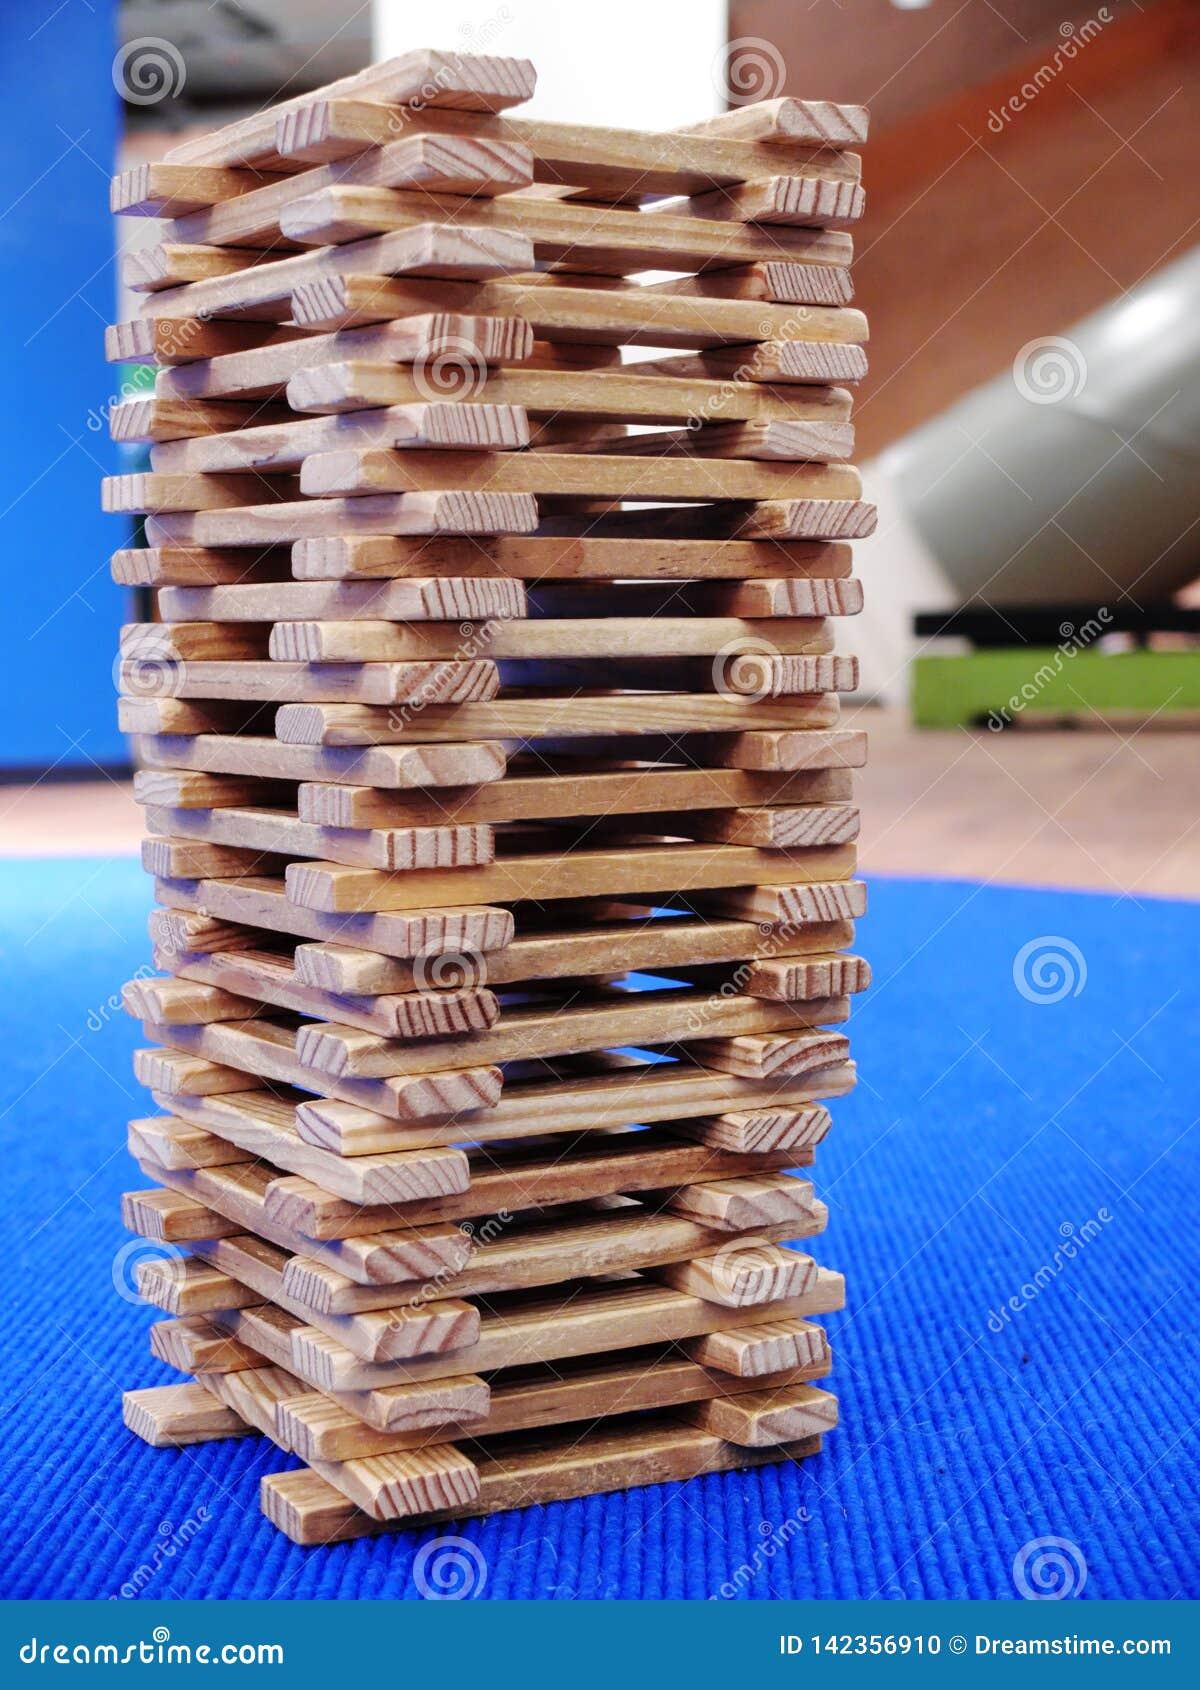 La tour en bois faite de bâtons en bois plats Plan rapproché